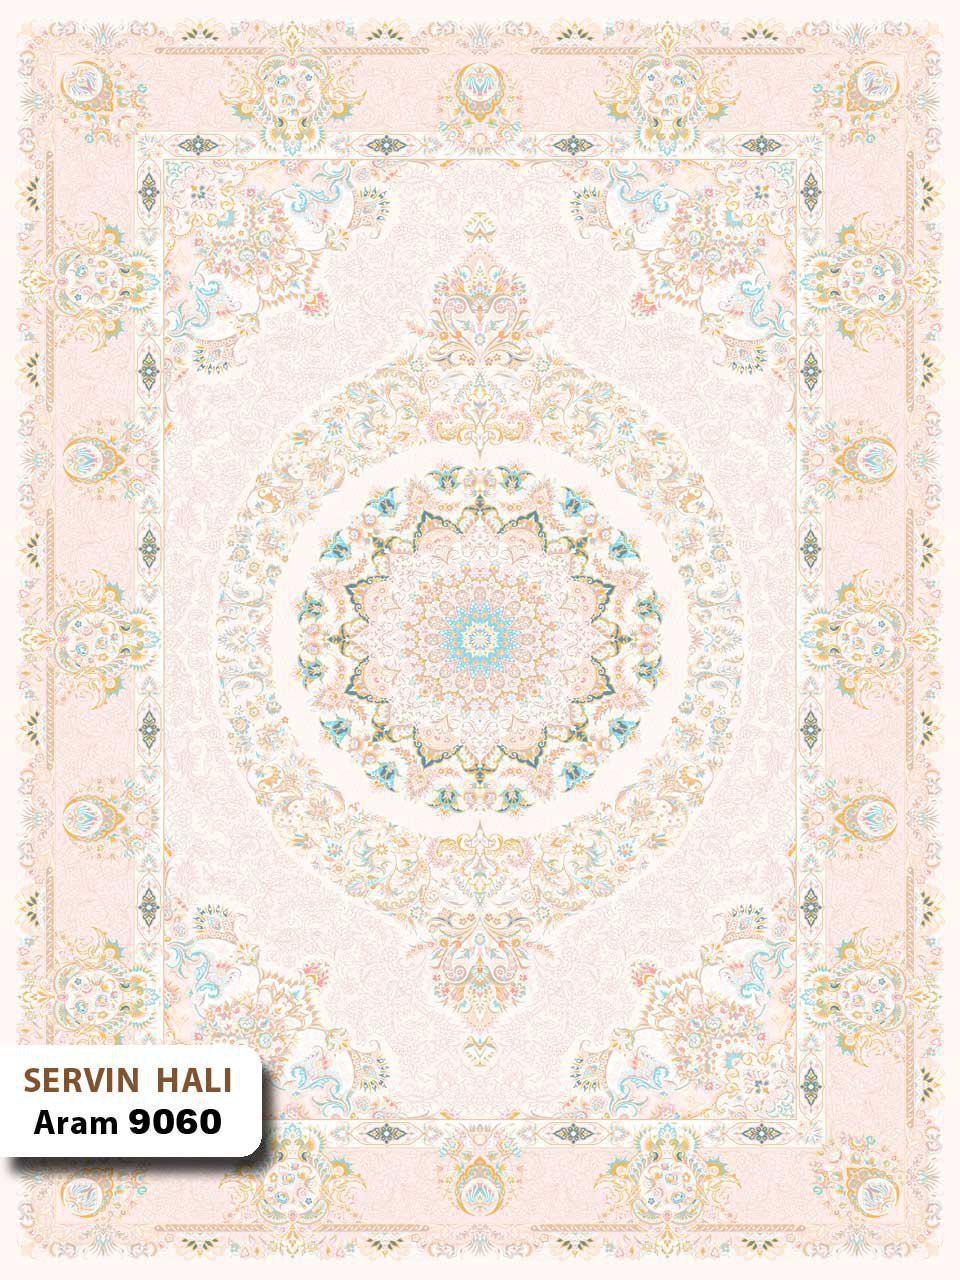 آرام 9060/دنیای فرش/فرش ایرانی/فرش ماشینی/donyayfarsh